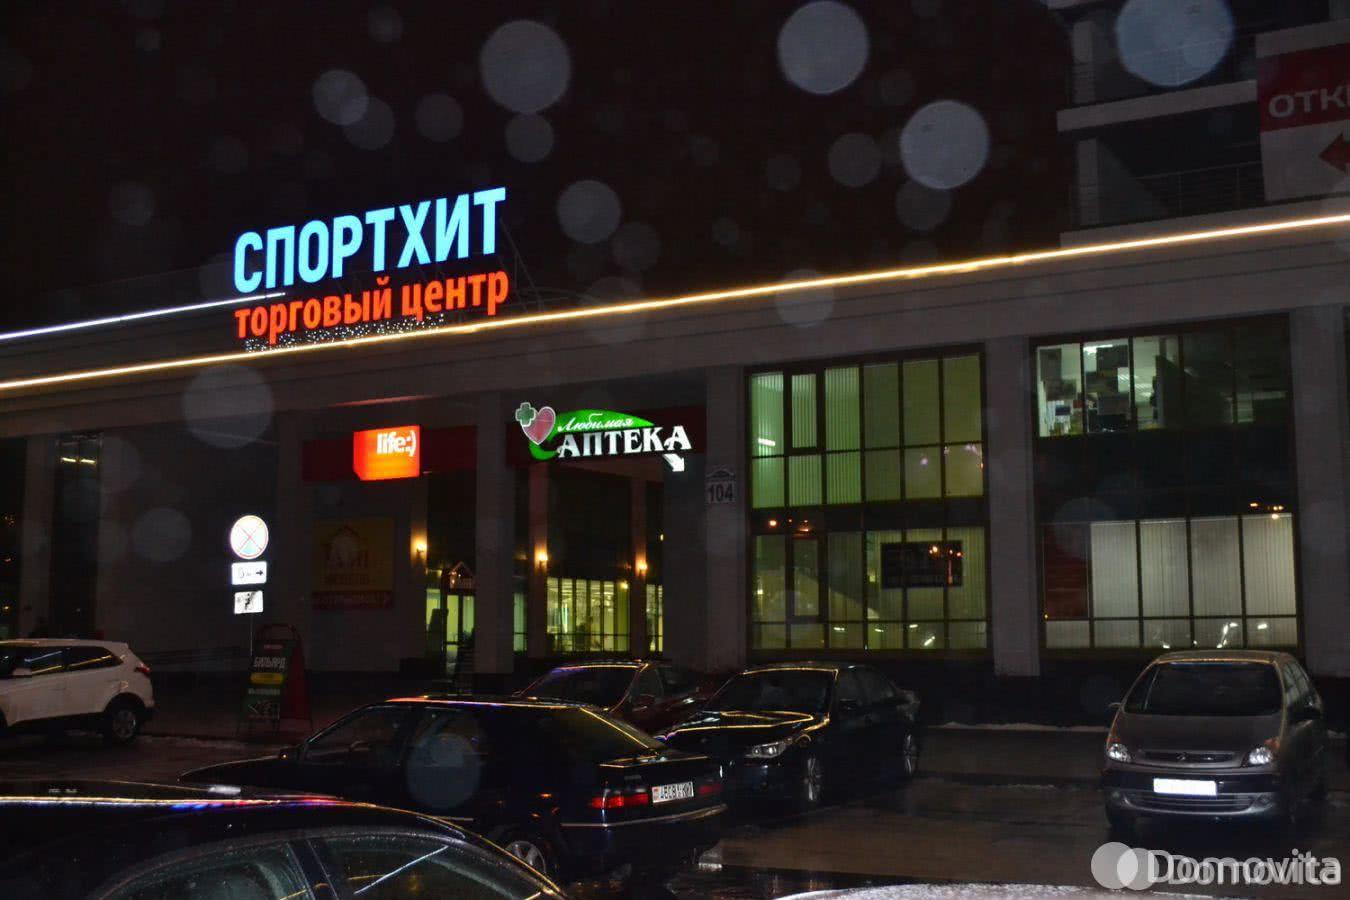 ТЦ Торговый центр Спортхит - фото 3